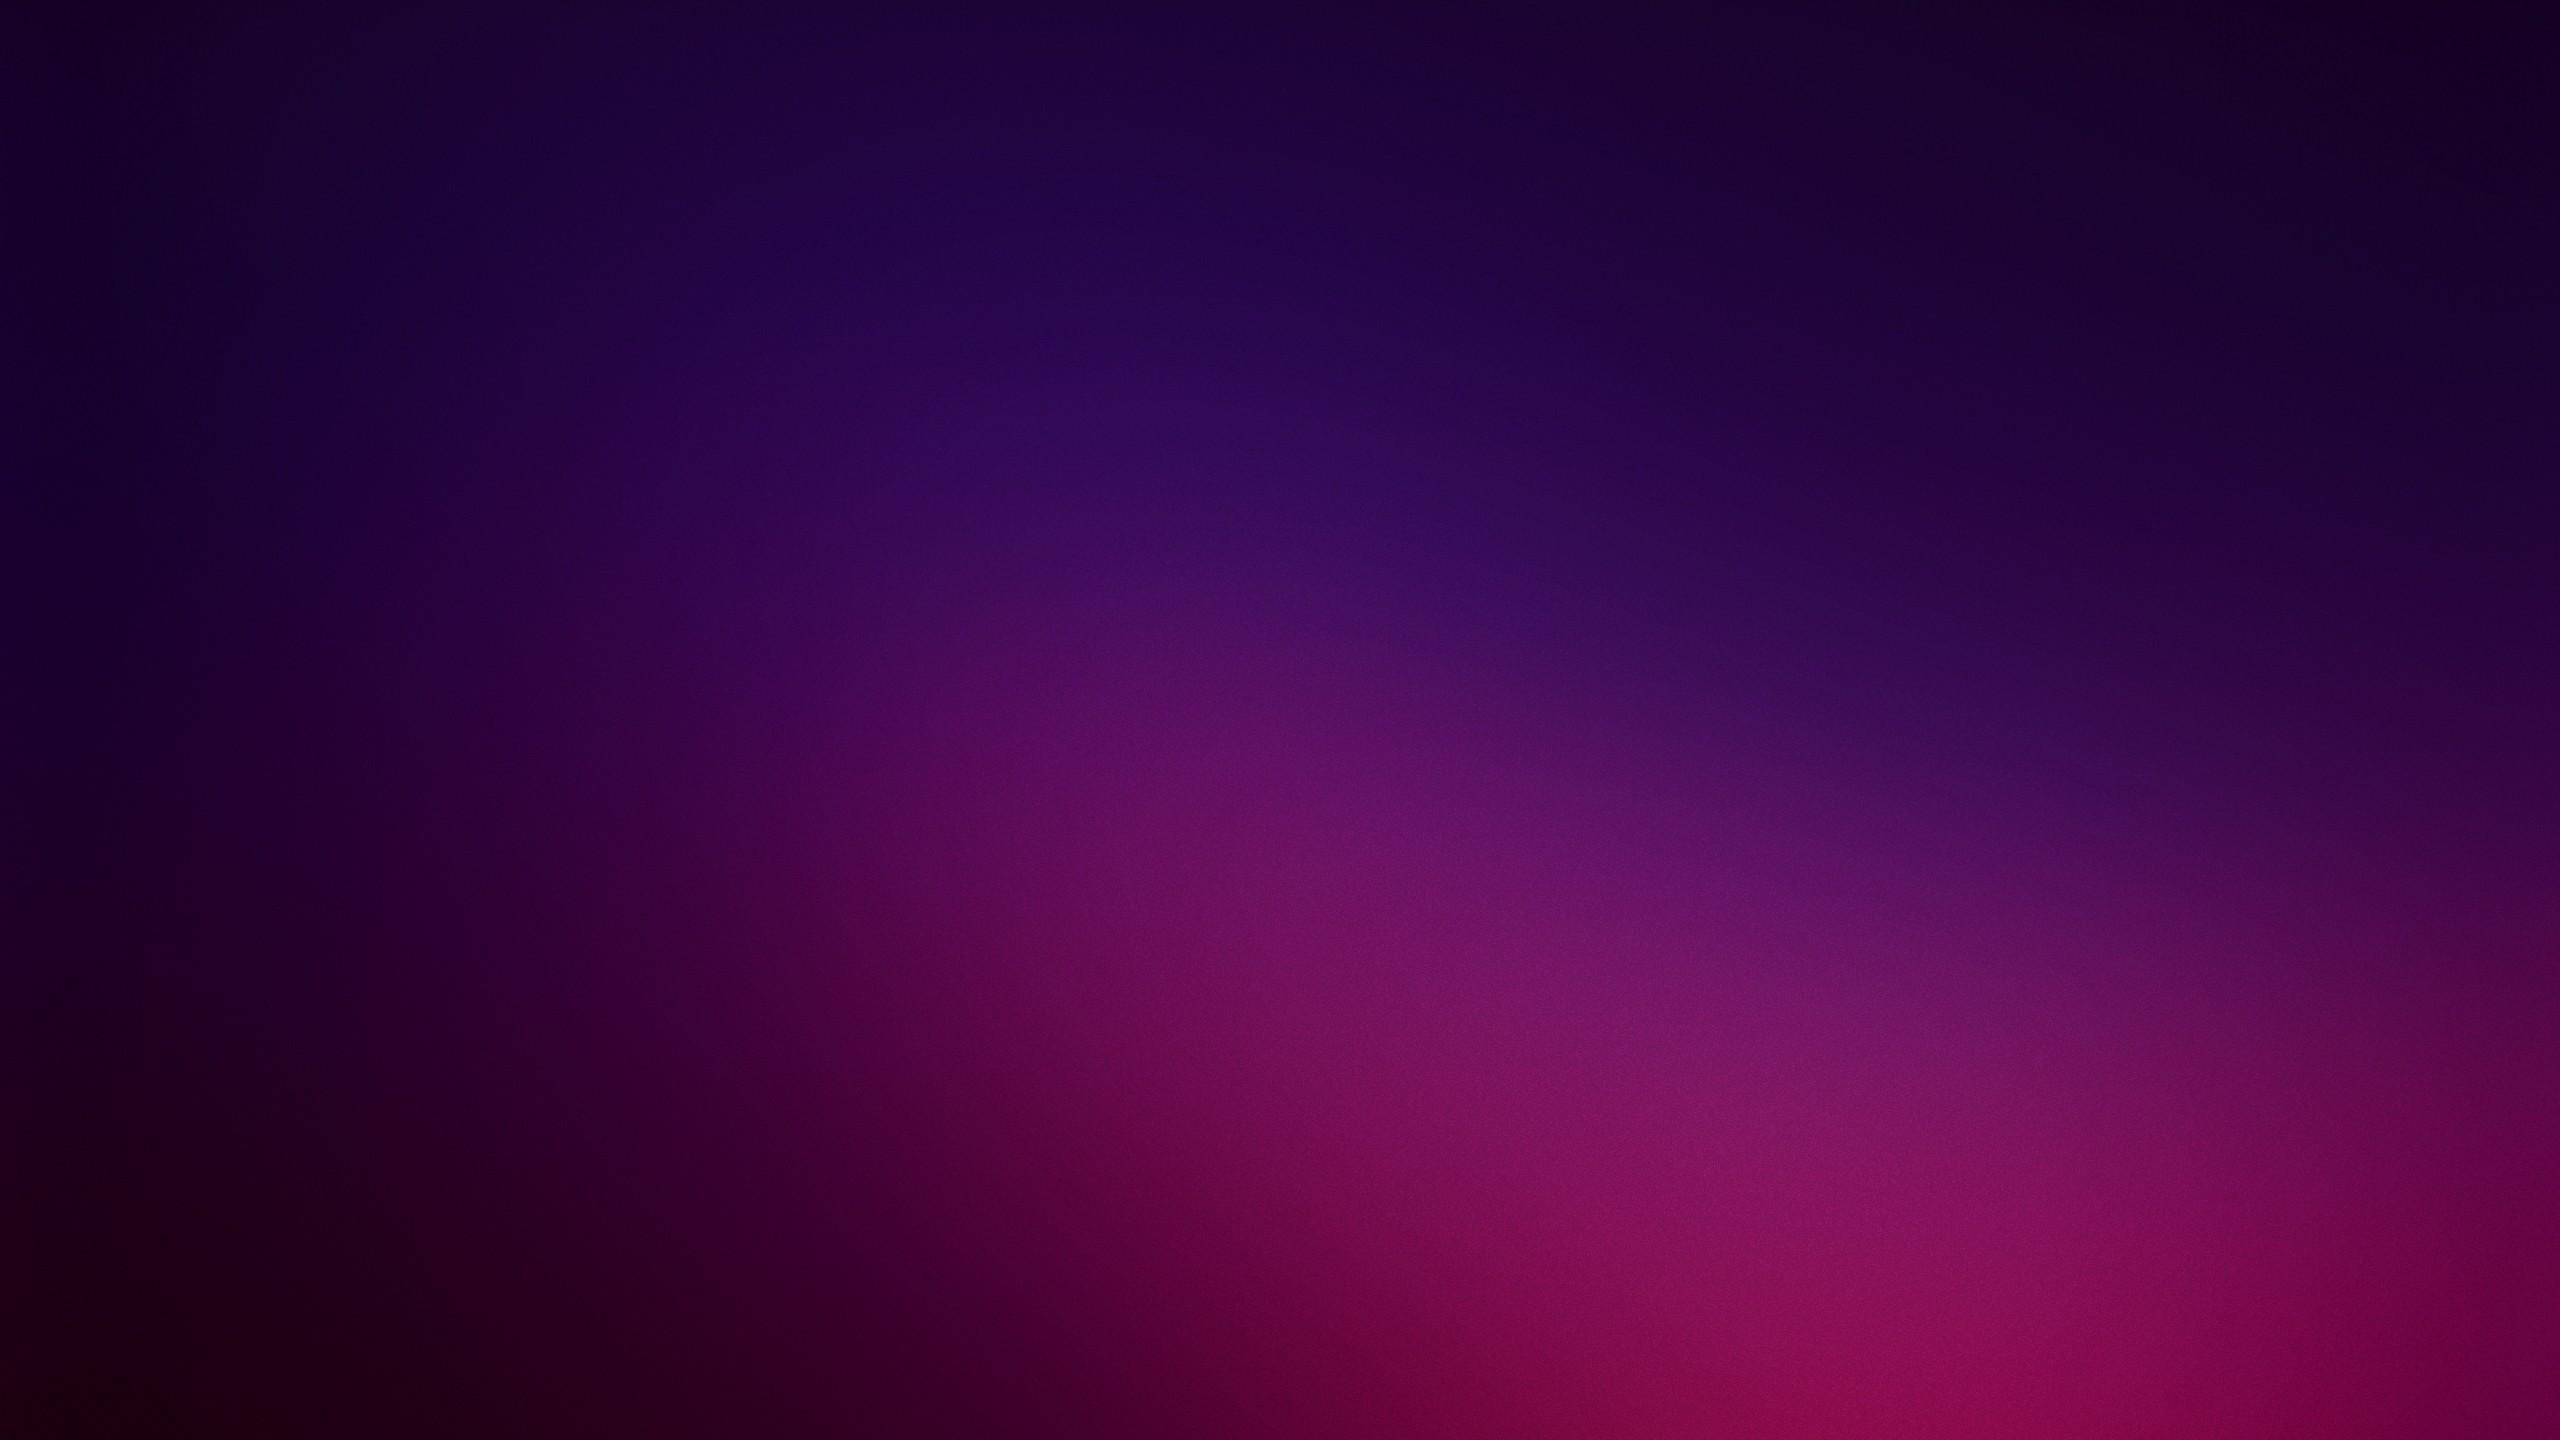 Wallpaper Sky Purple Simple Circle Atmosphere Lens